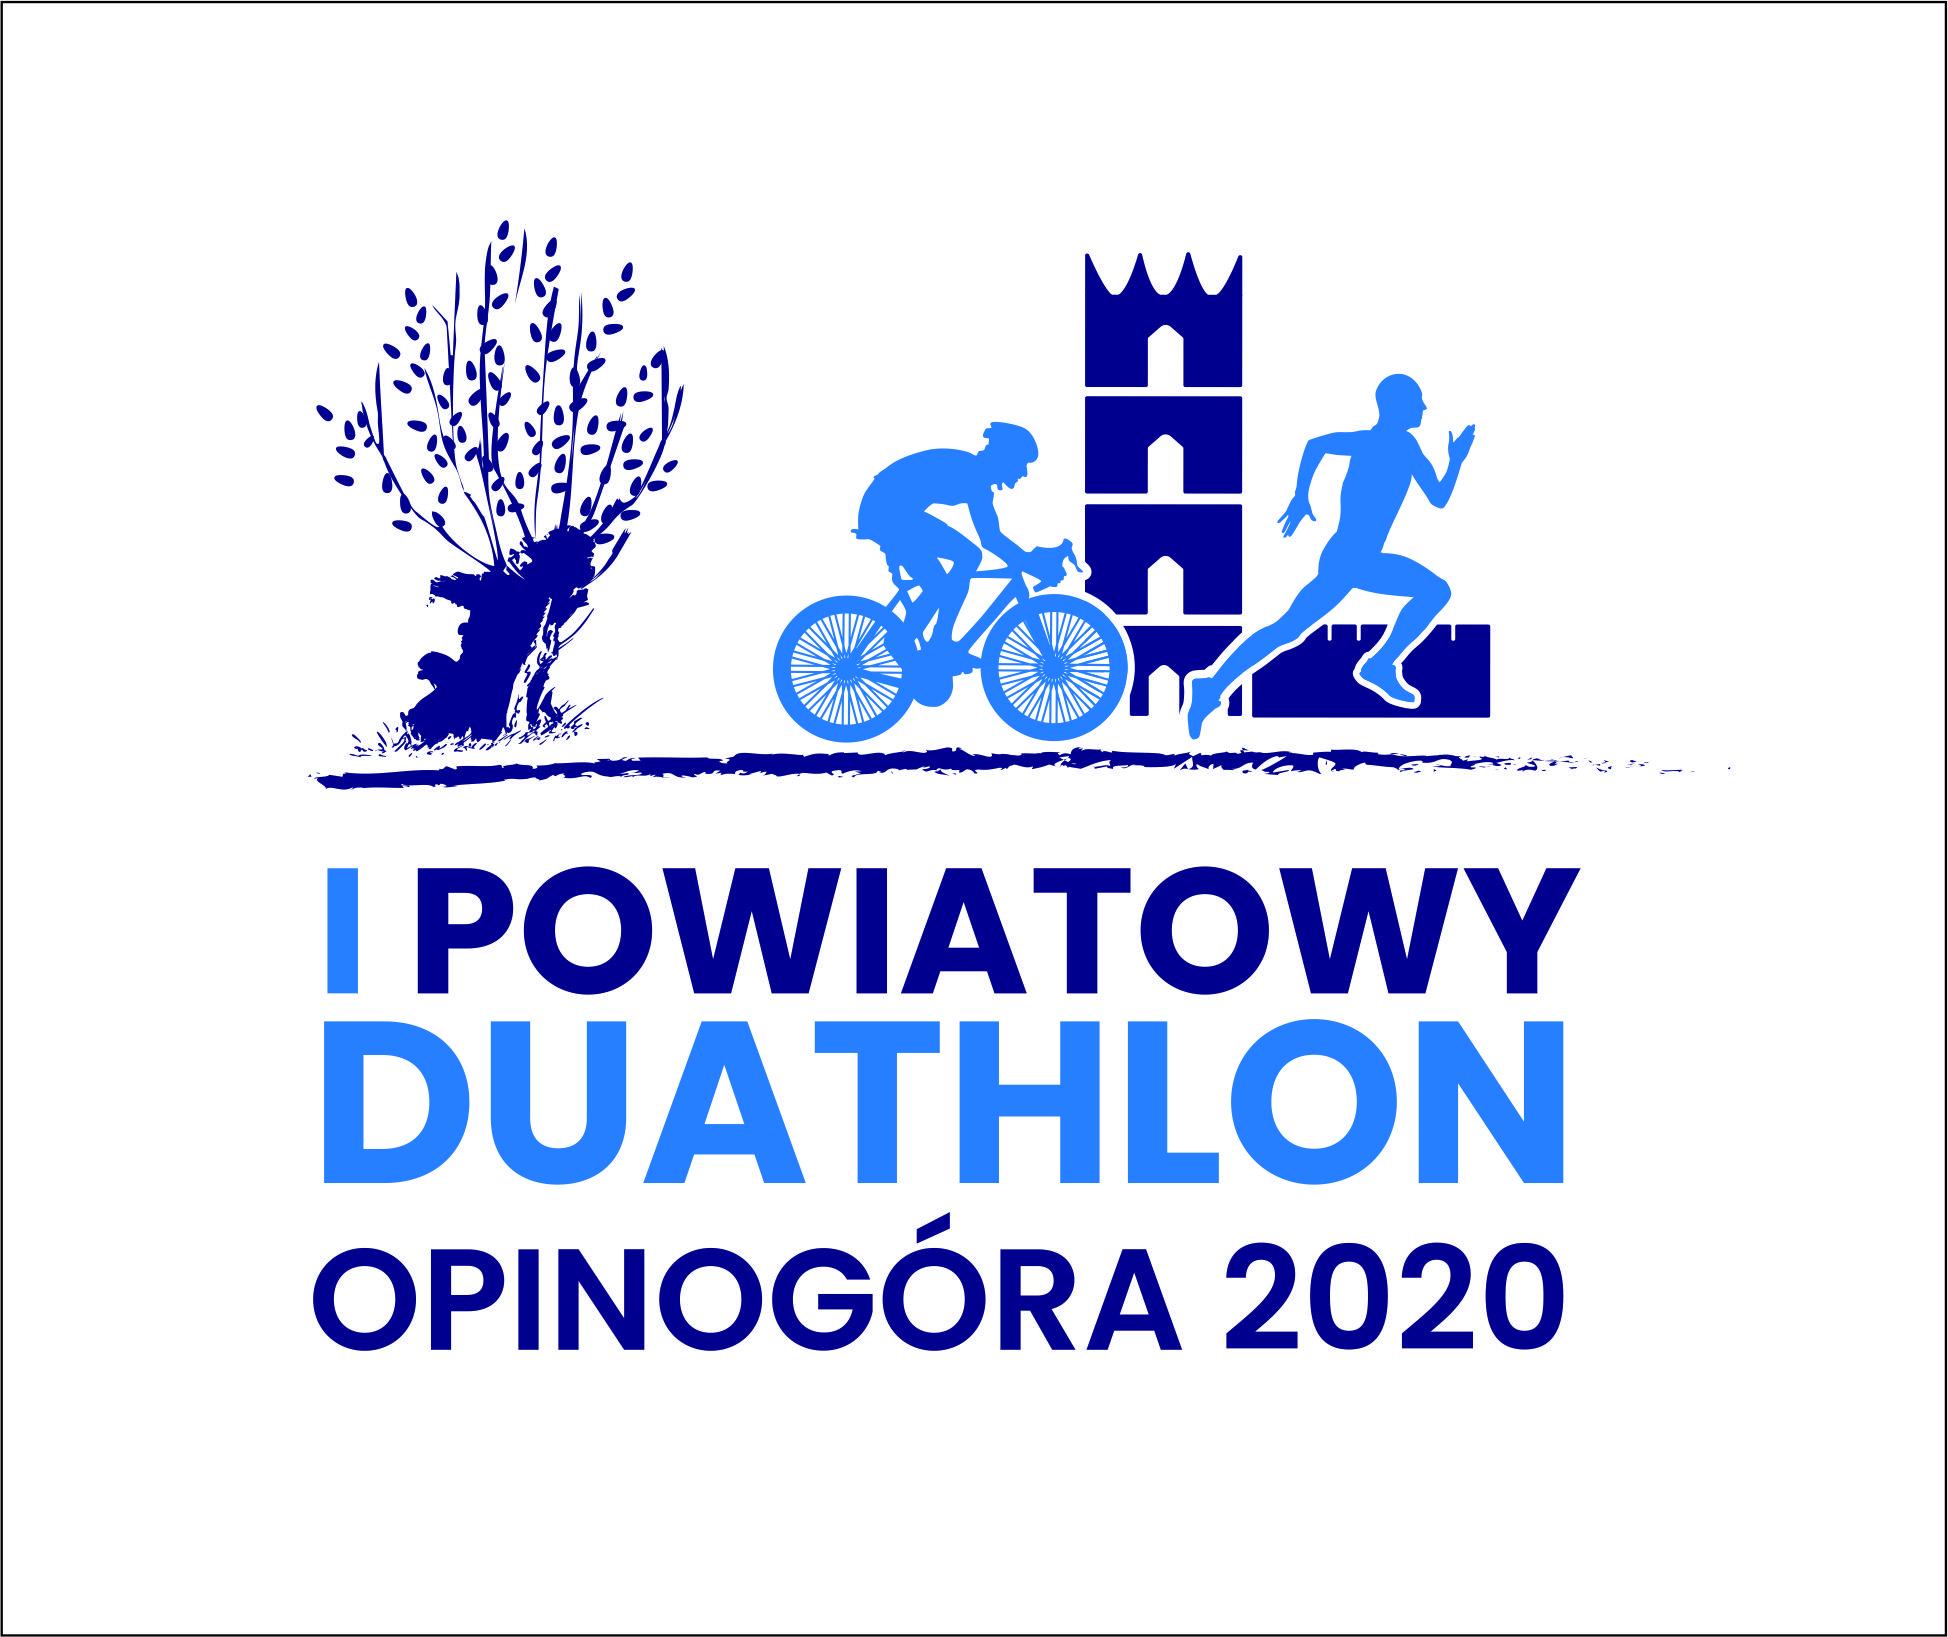 I Powiatowy Duathlon & RunKids Opinogóra 2020